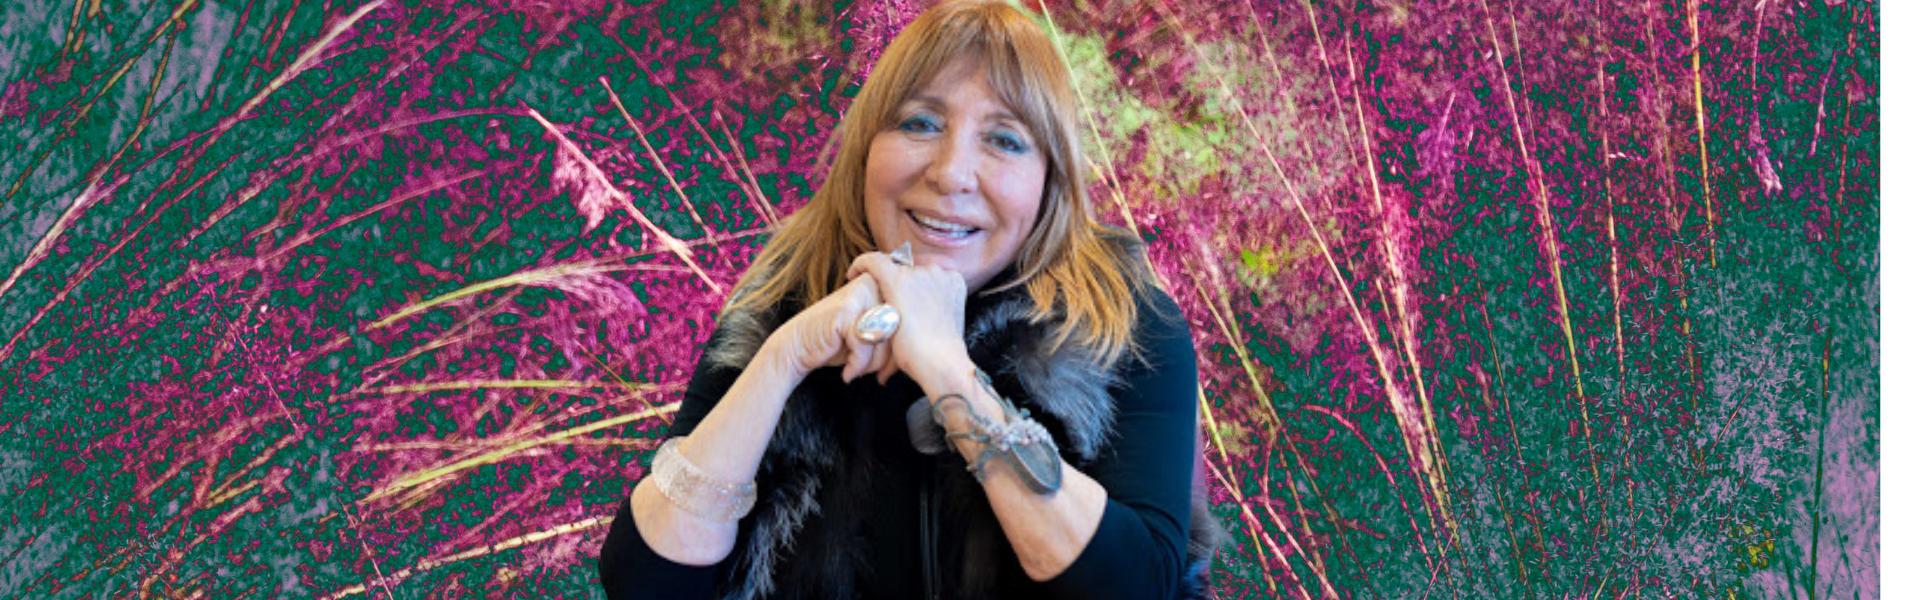 """Rossella Pezzino de Geronimo: """"Non voglio tornare alla vita di prima"""""""